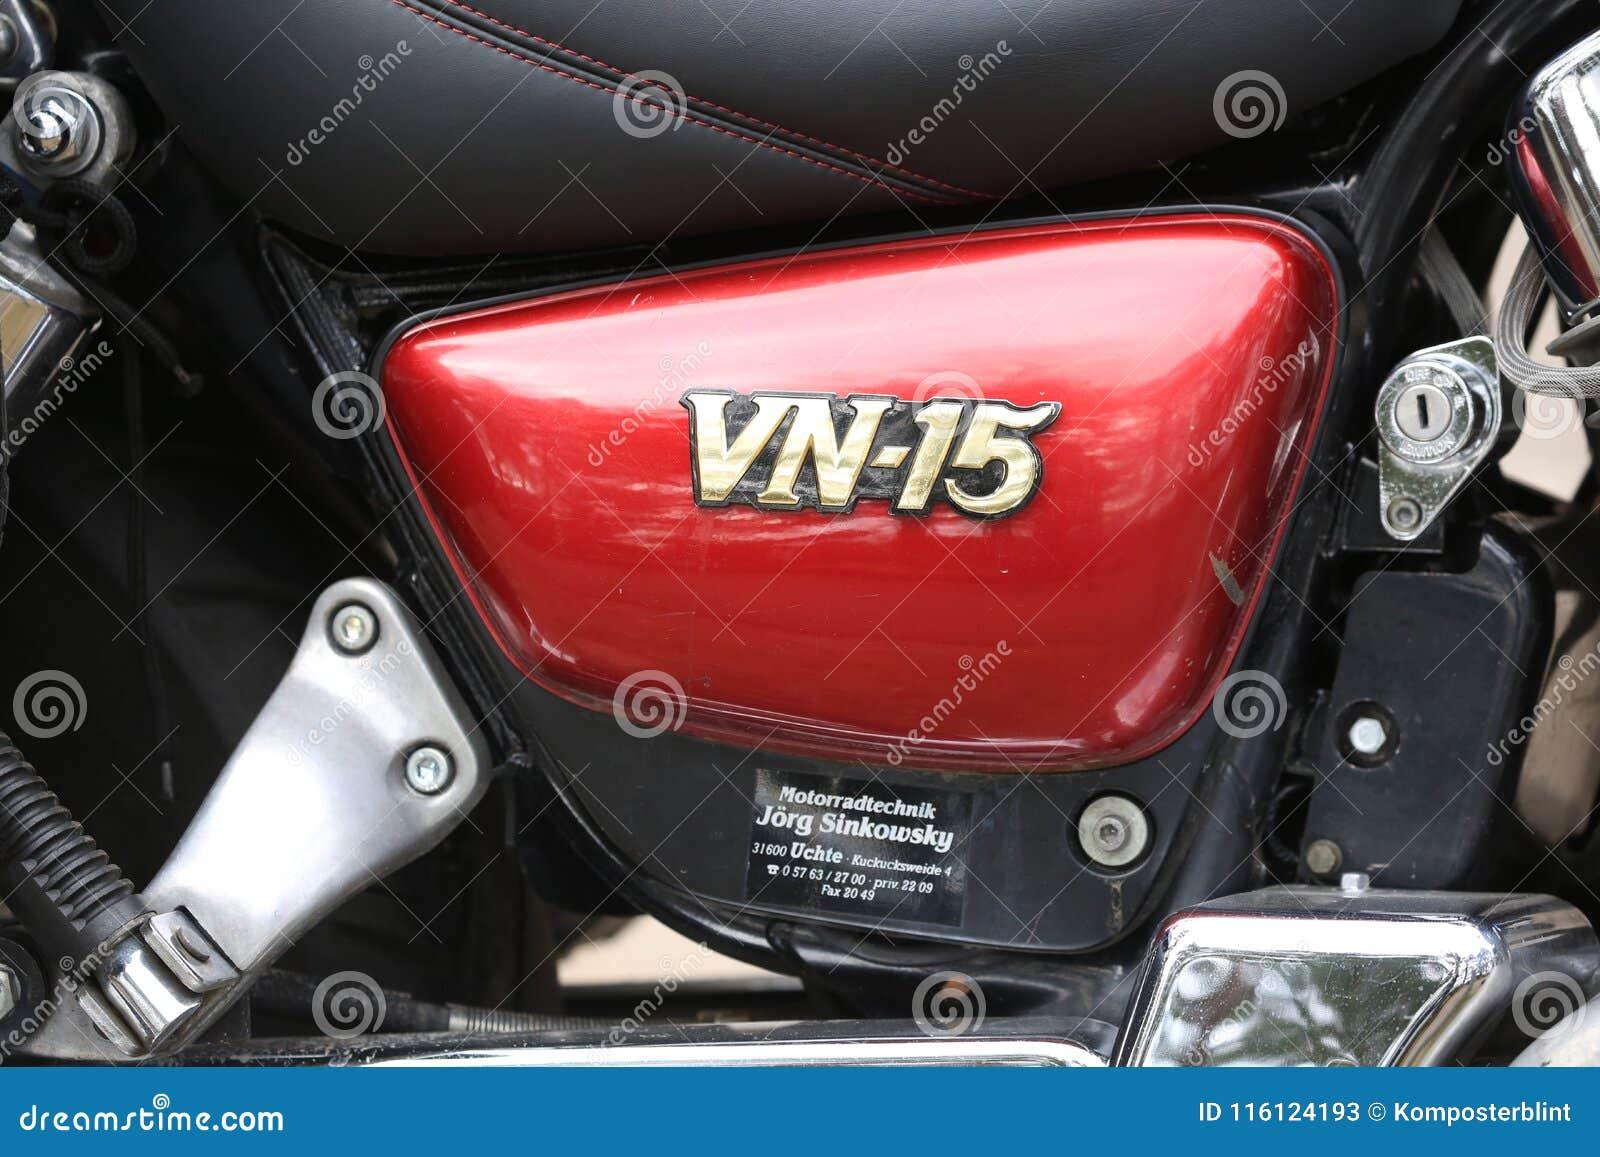 Motorcycle Kawasaki Vulcan Vn 1500 Red And Black Short Close Up